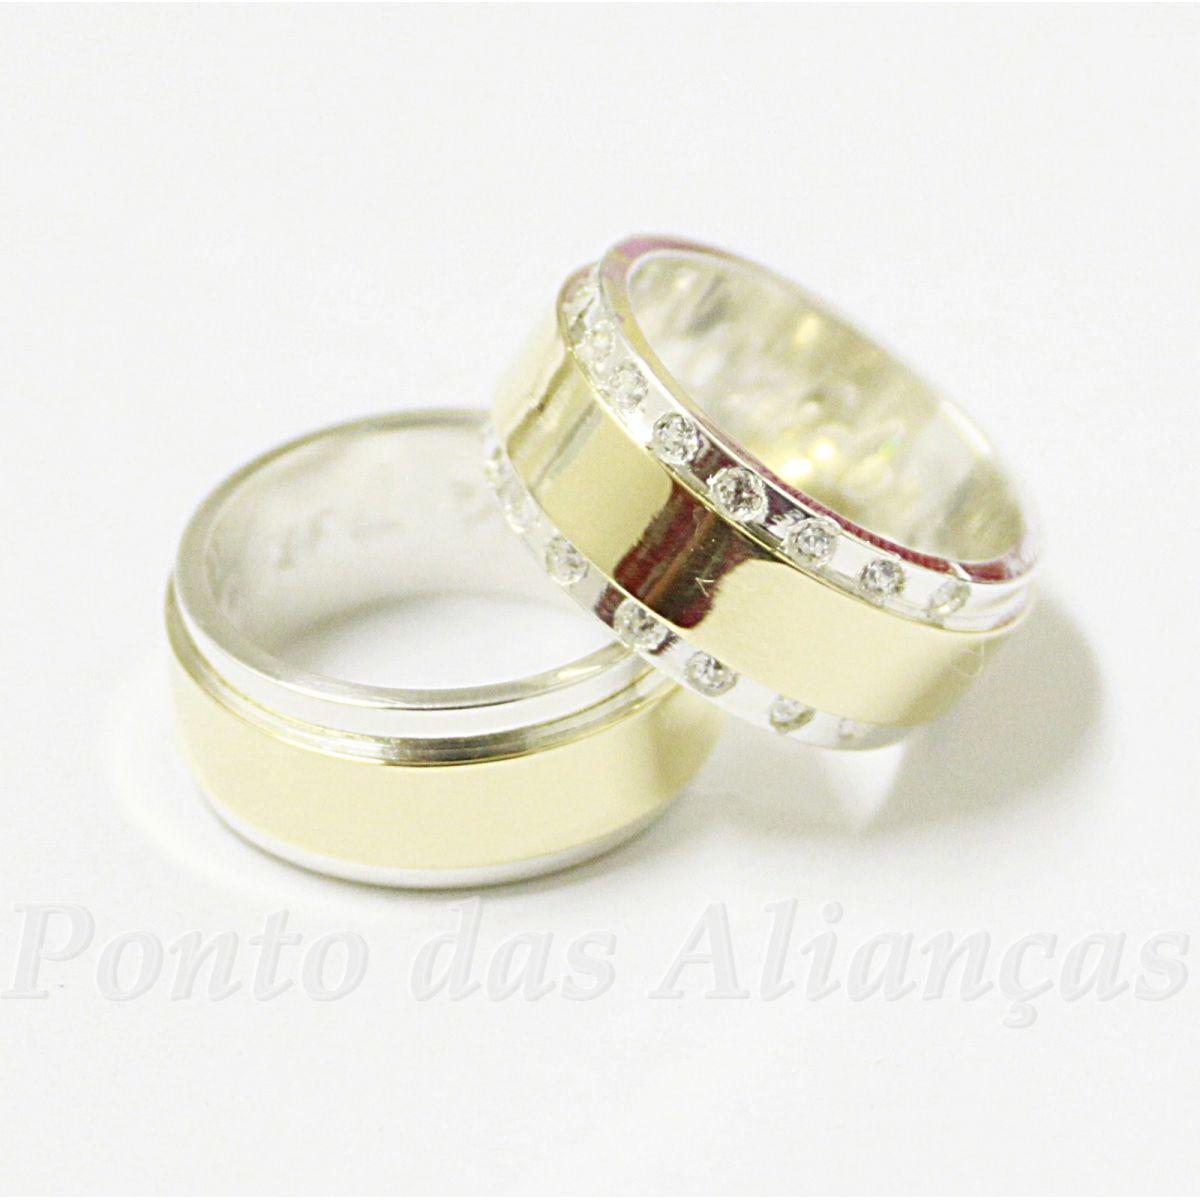 Alianças de Ouro e Prata Casamento ou Noivado - 538